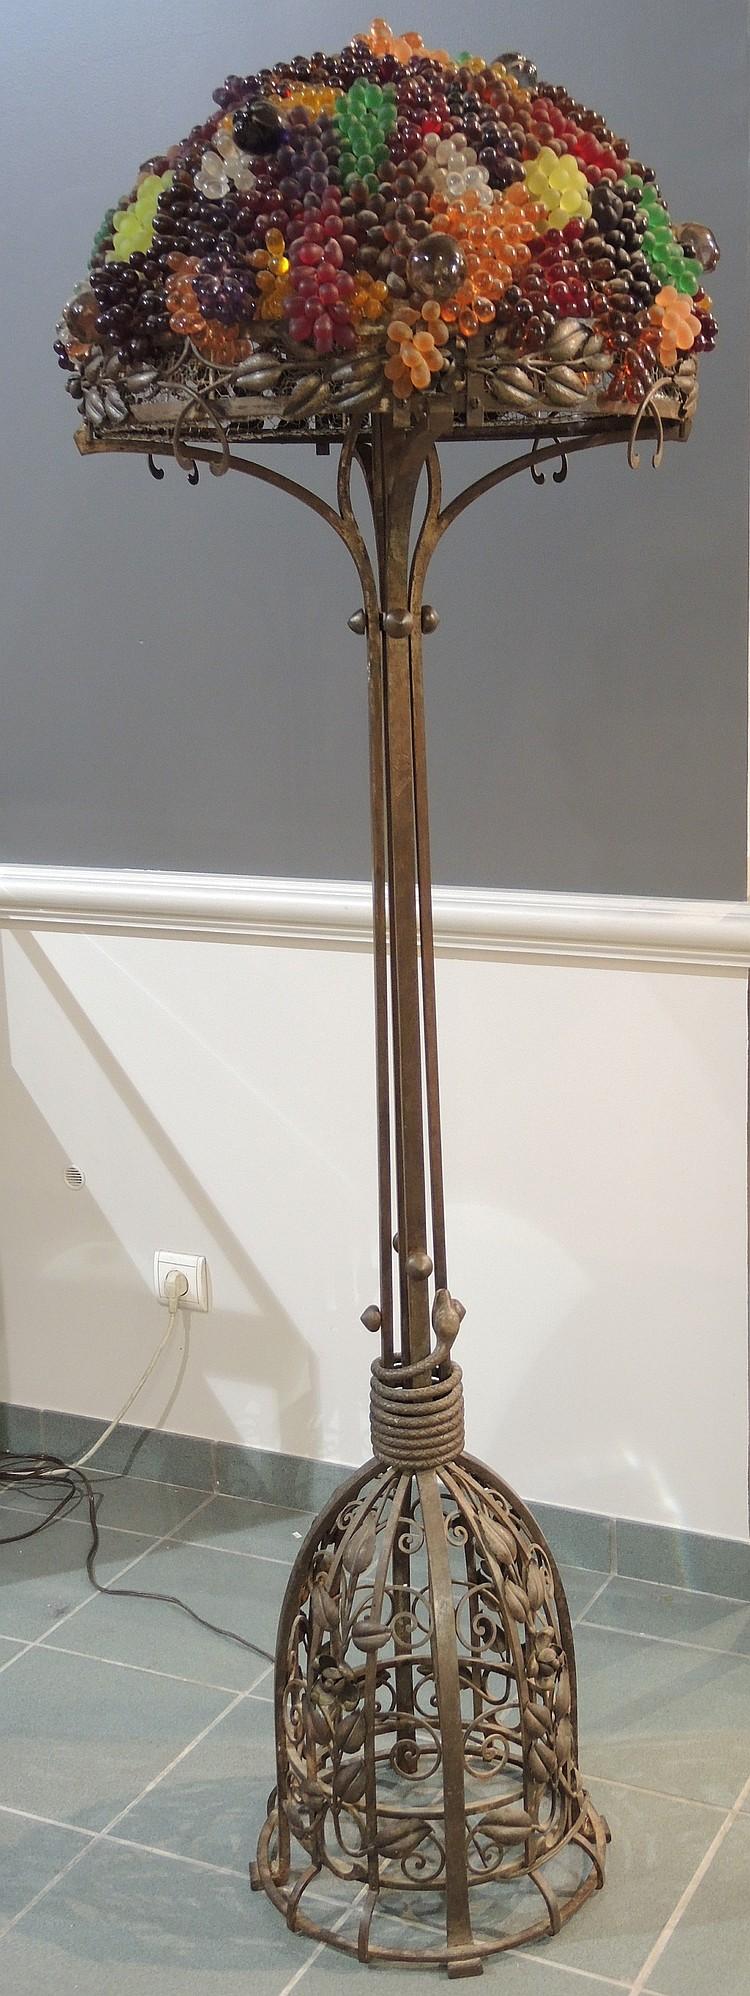 E tois lampadaire art d co en fer forg d cor de branchag - Lampadaire fer forge interieur ...